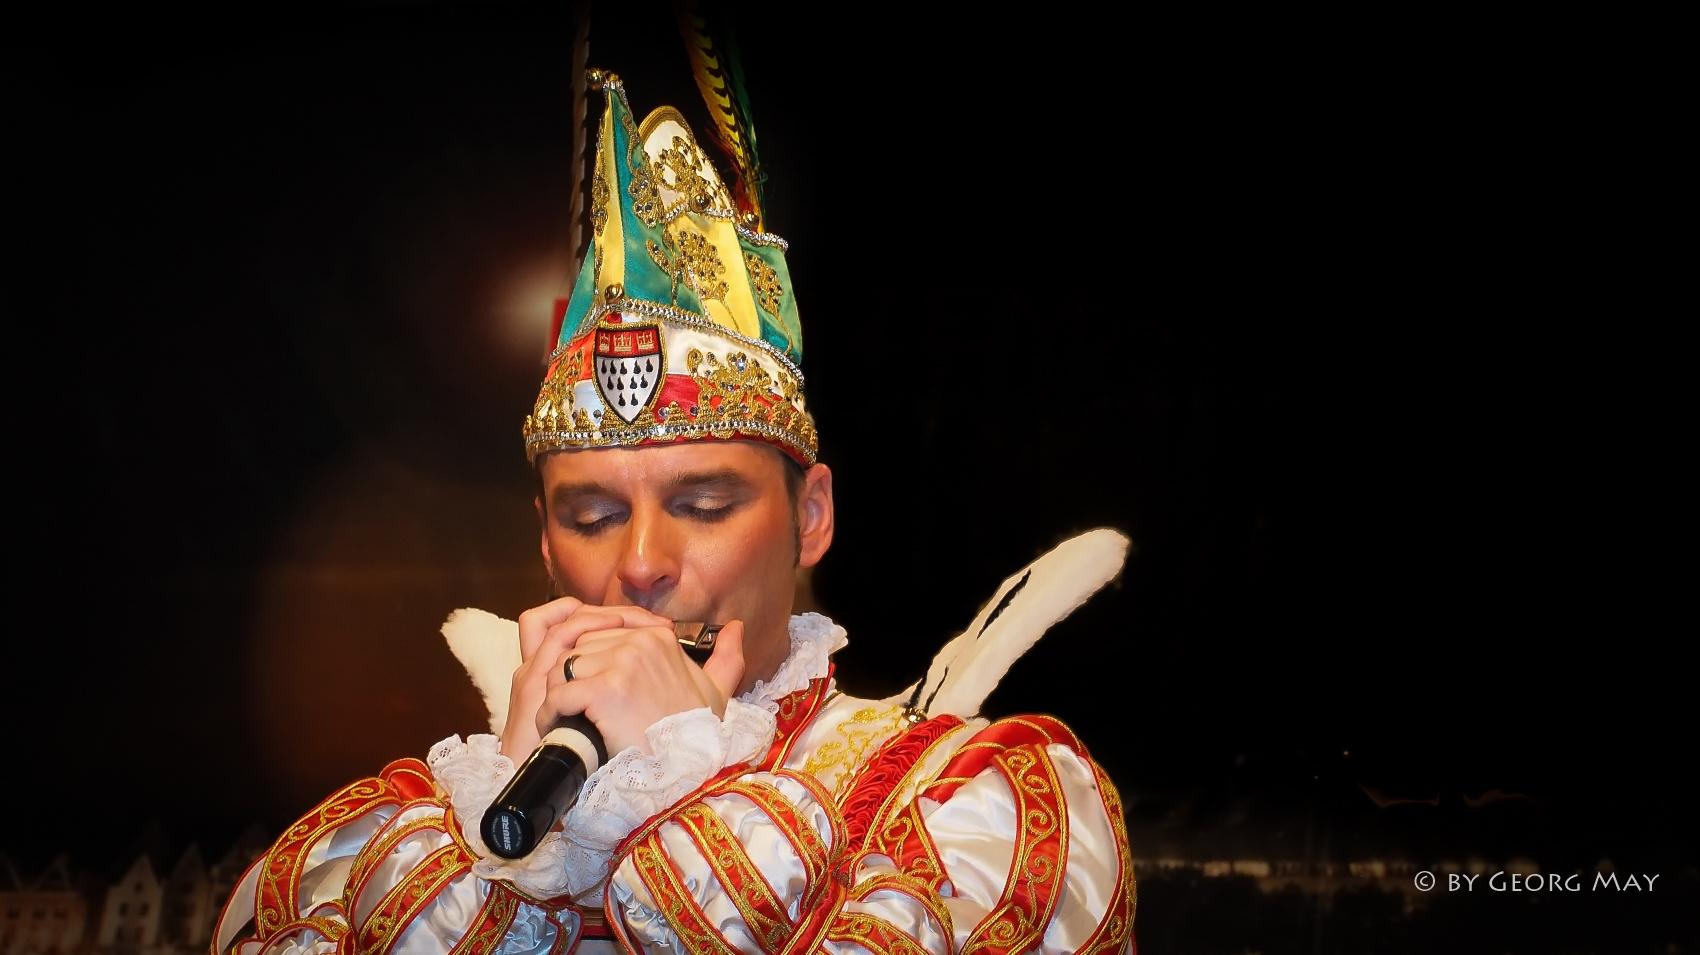 Der Kölner Prinz Karneval 2015, Holger Kirsch - der Prinz mit der Mundharmonika